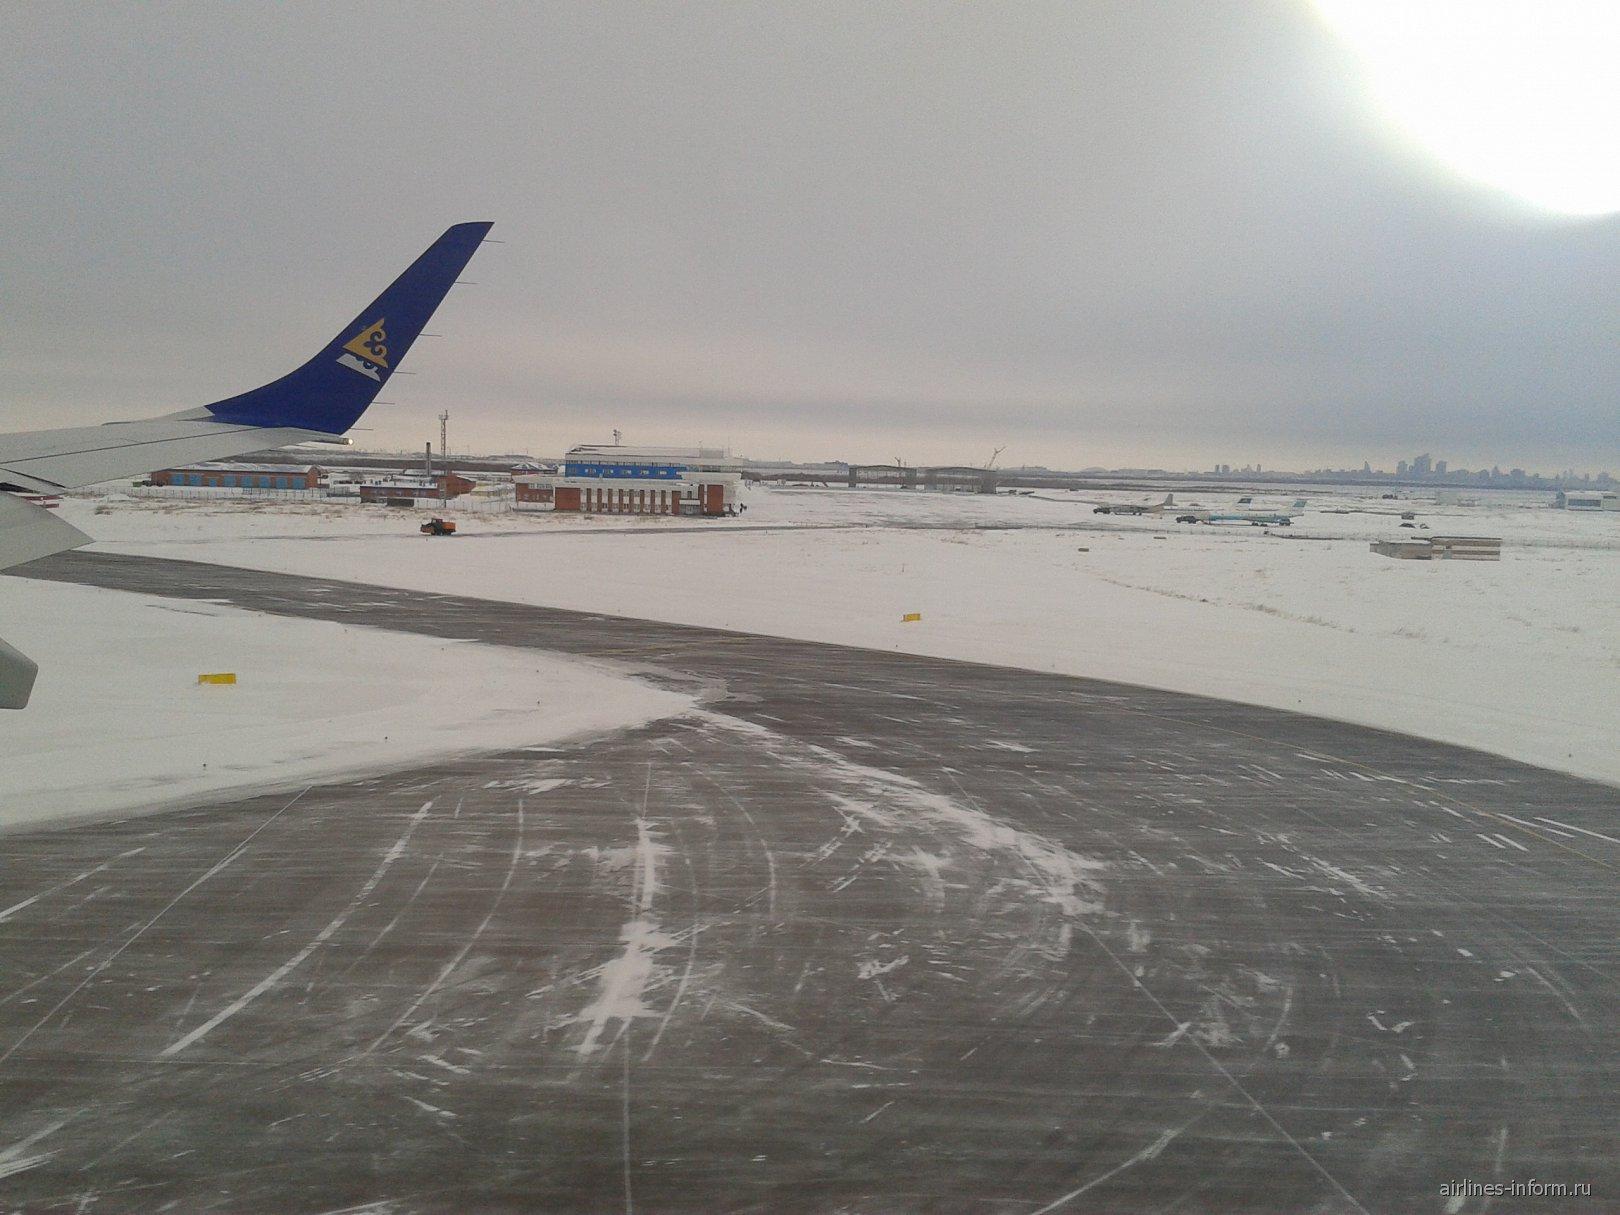 рейс Павлодар-Астана авиакомпании Air Astana